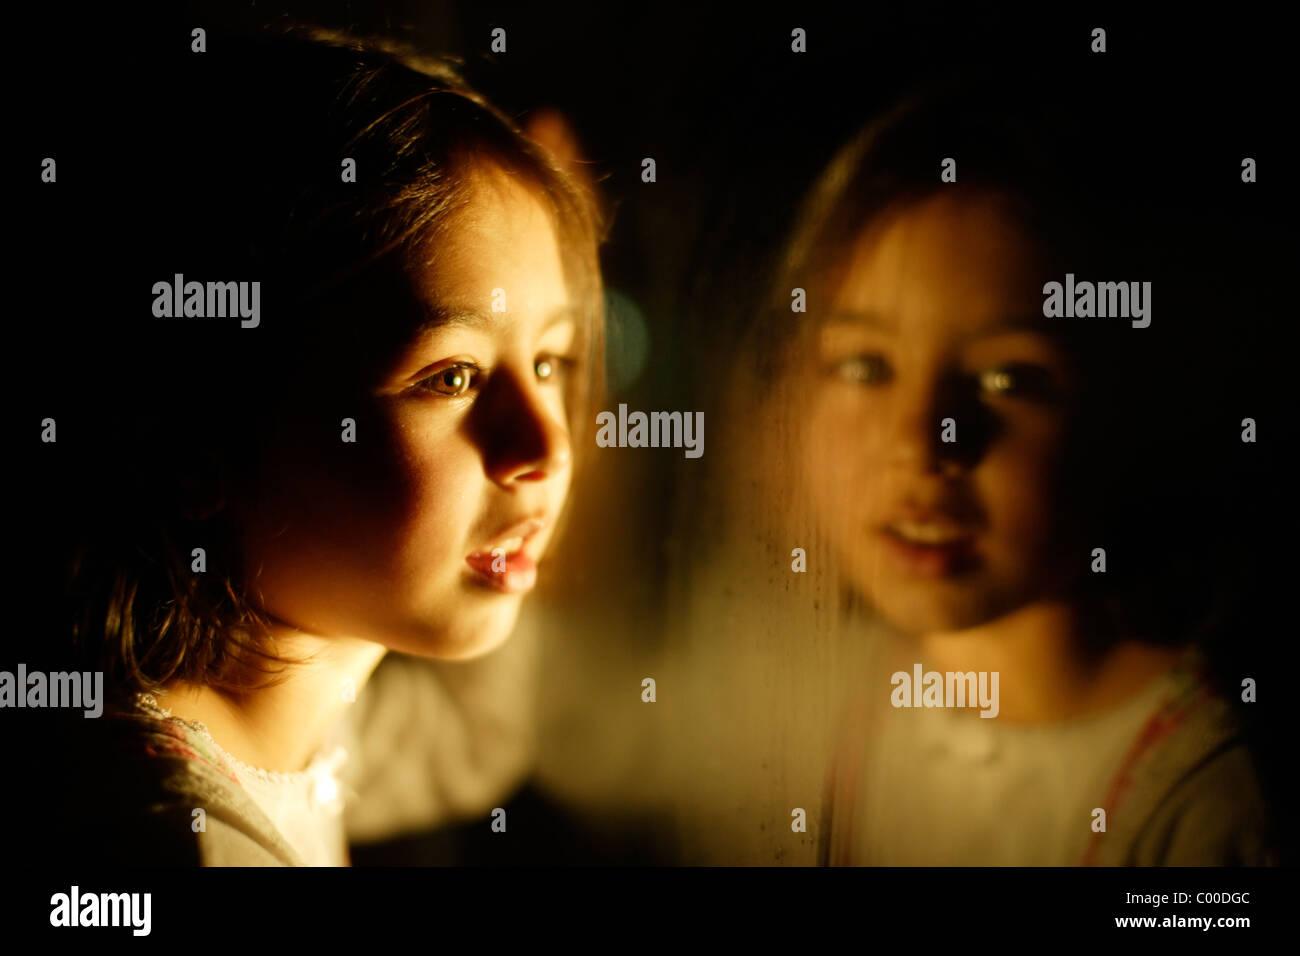 Garota na noite com a reflexão da janela Imagens de Stock